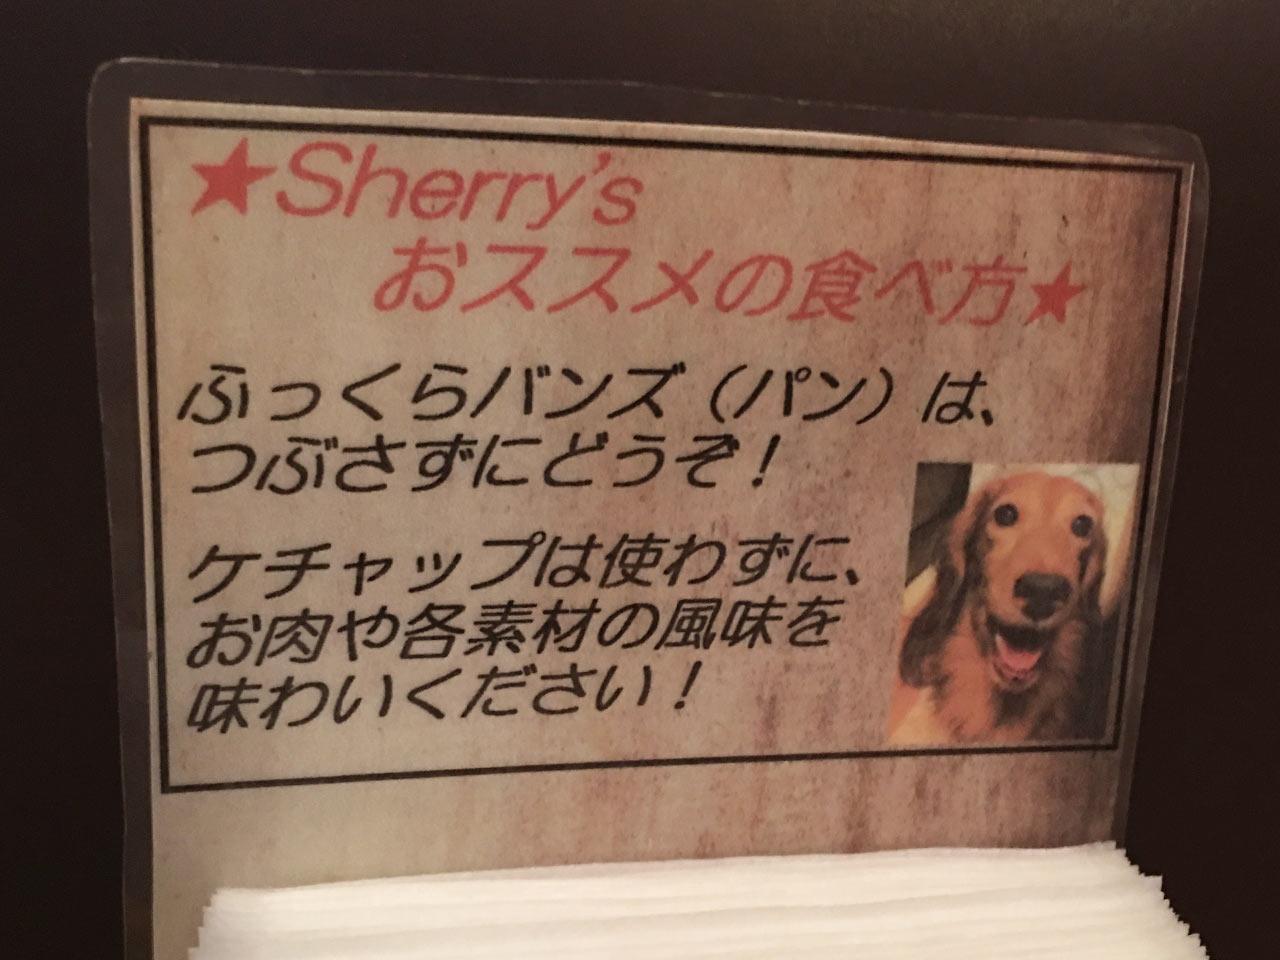 武蔵小山Sherry's Burger Cafeの食べ方解説